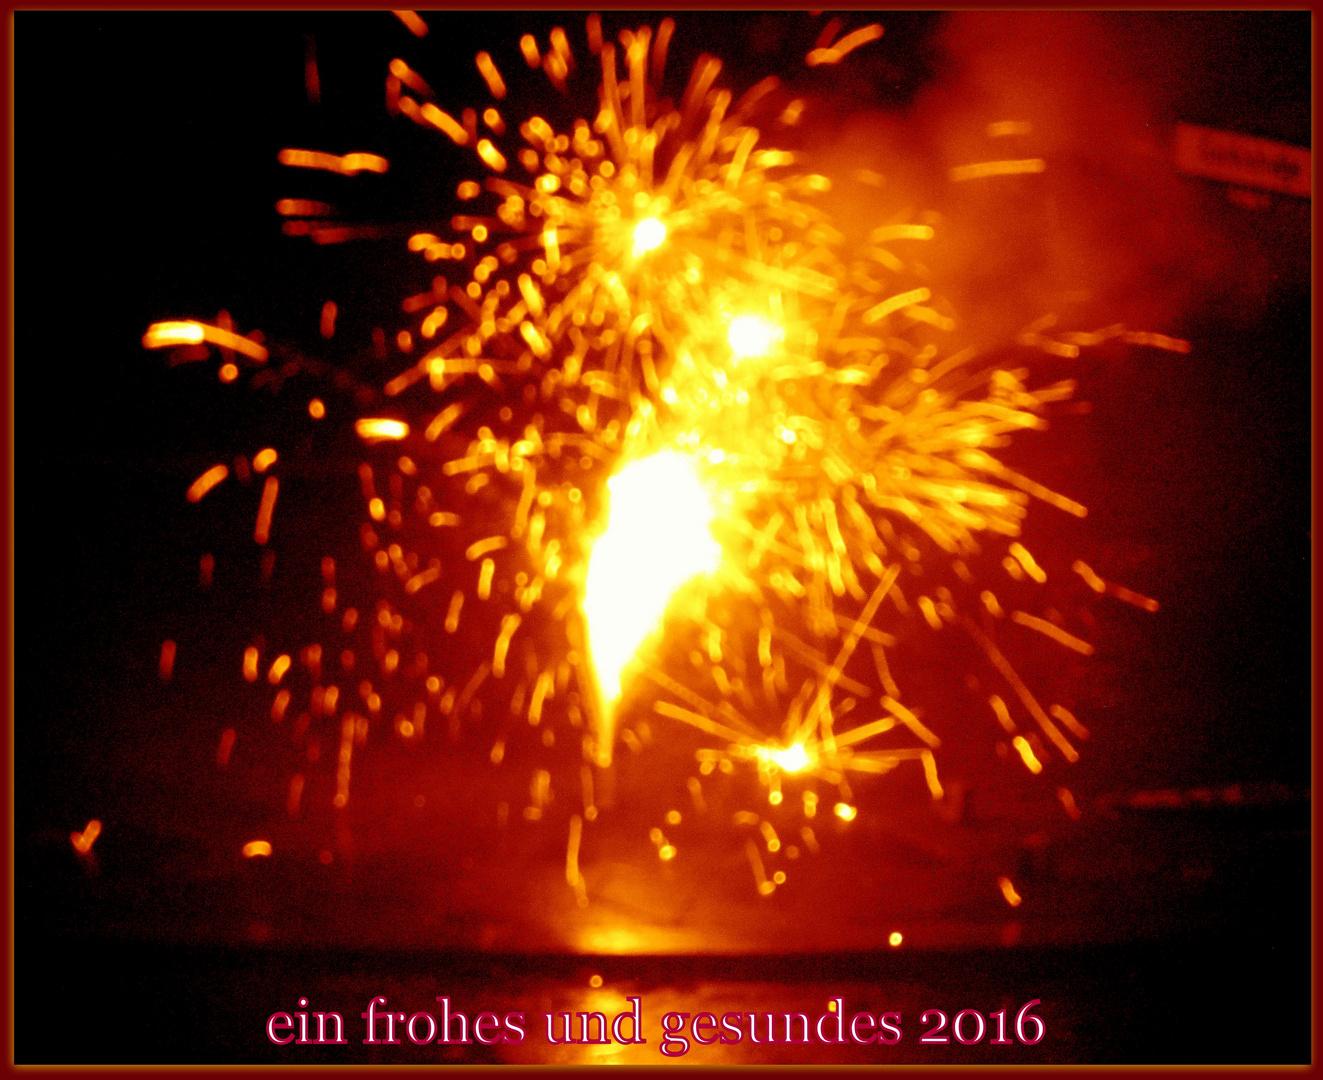 frohes neues Jahr 2016 Foto & Bild   gratulation und feiertage ...